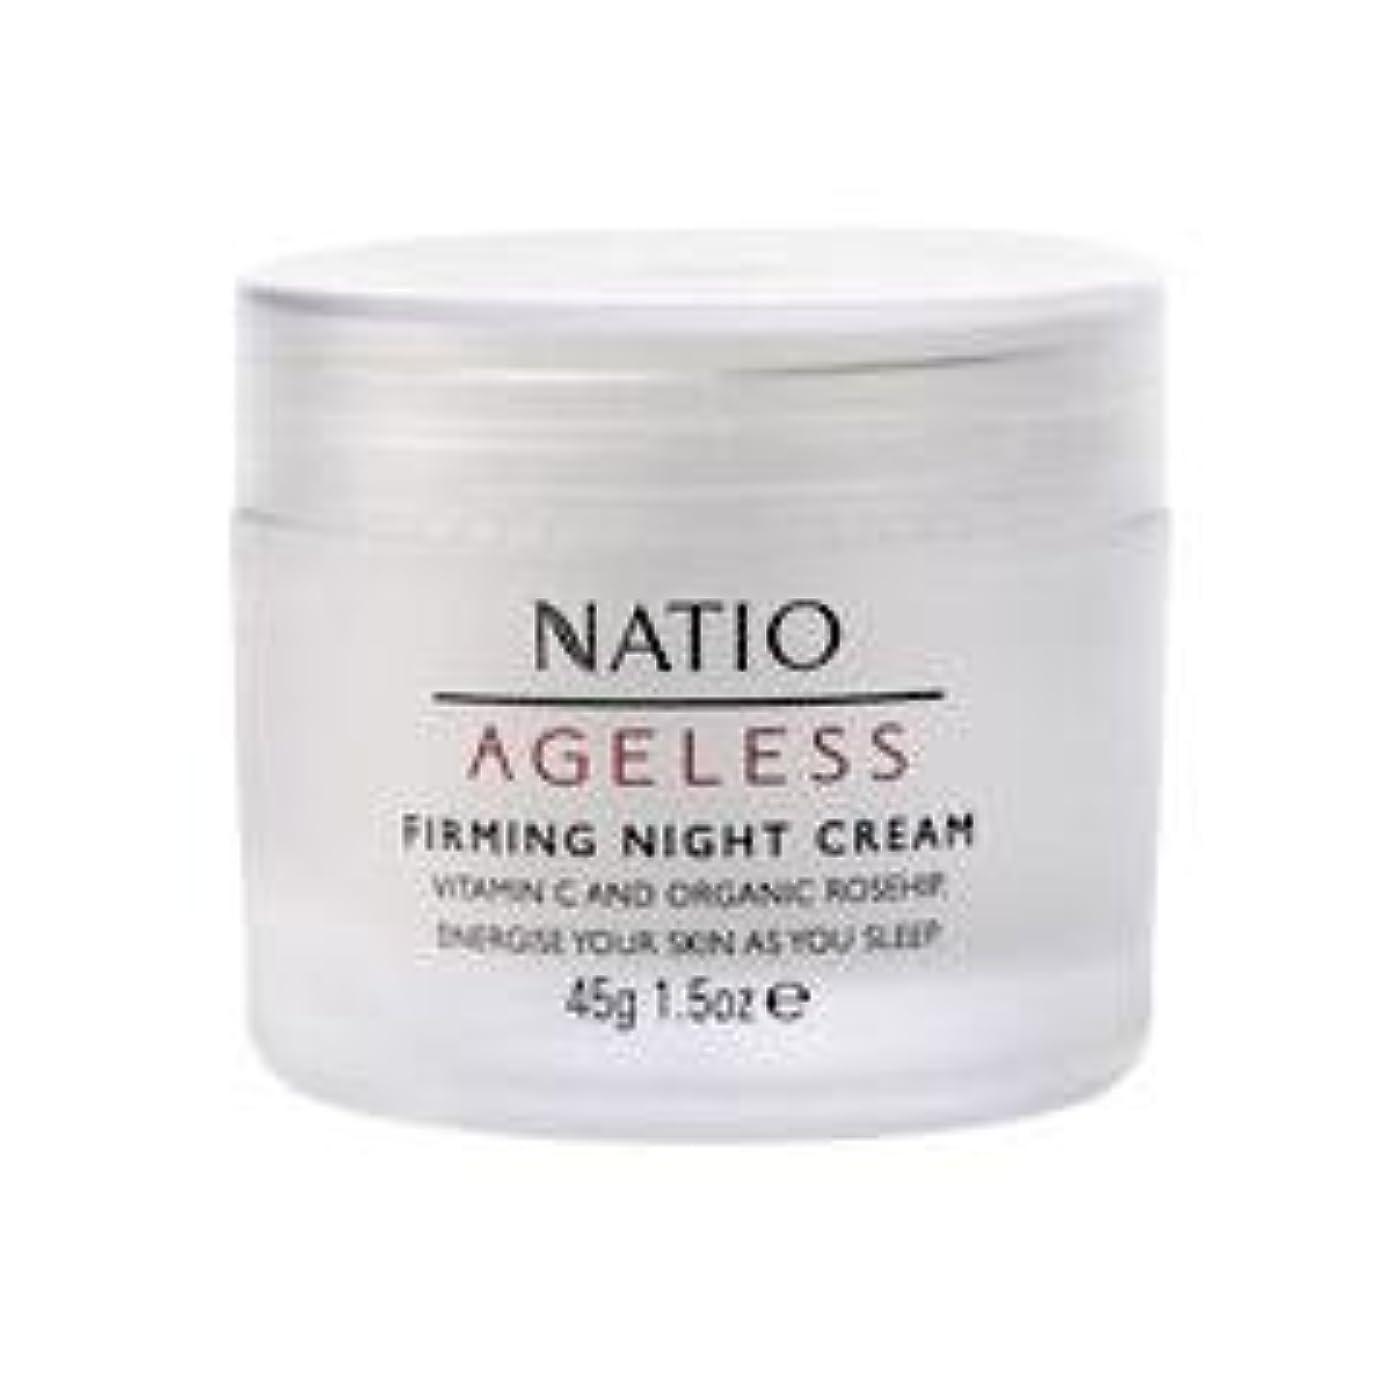 科学者ベル続編【NATIO Ageless Firming Night Cream】 ナティオ ナイトクリーム [海外直送品]